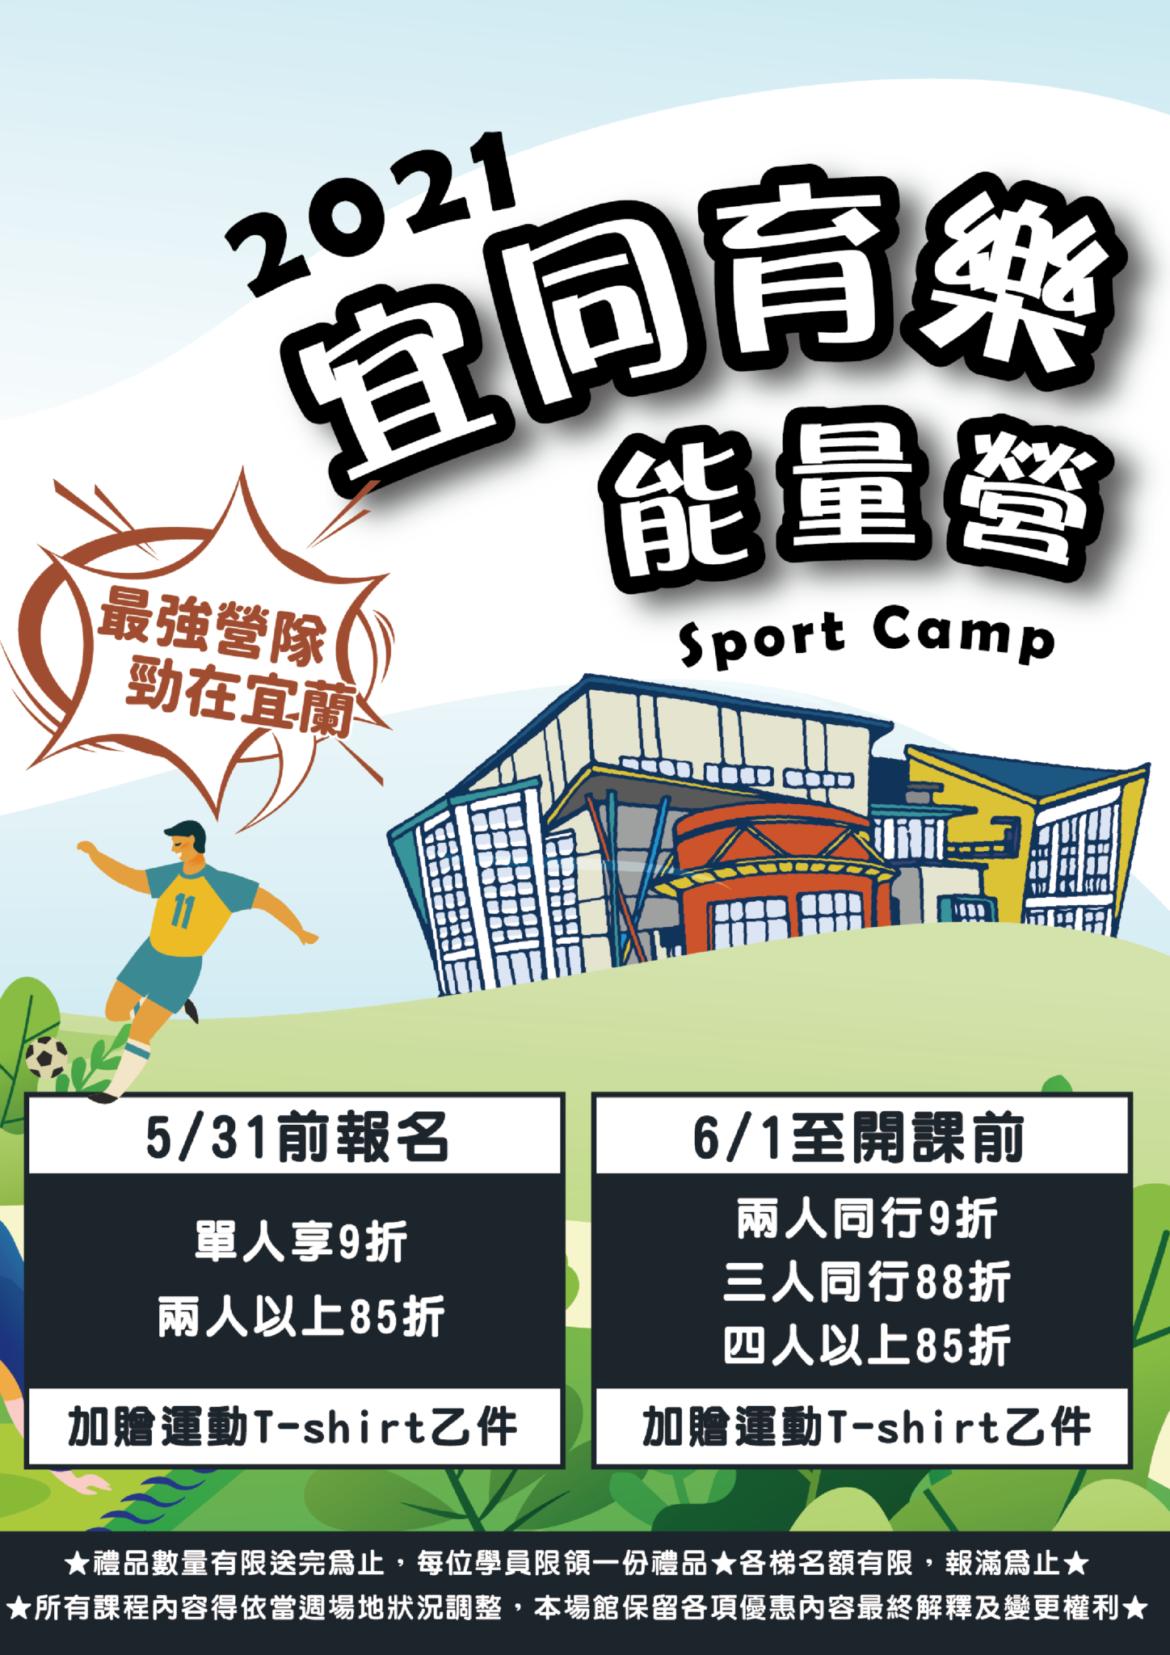 【活動】2021宜運夏令營